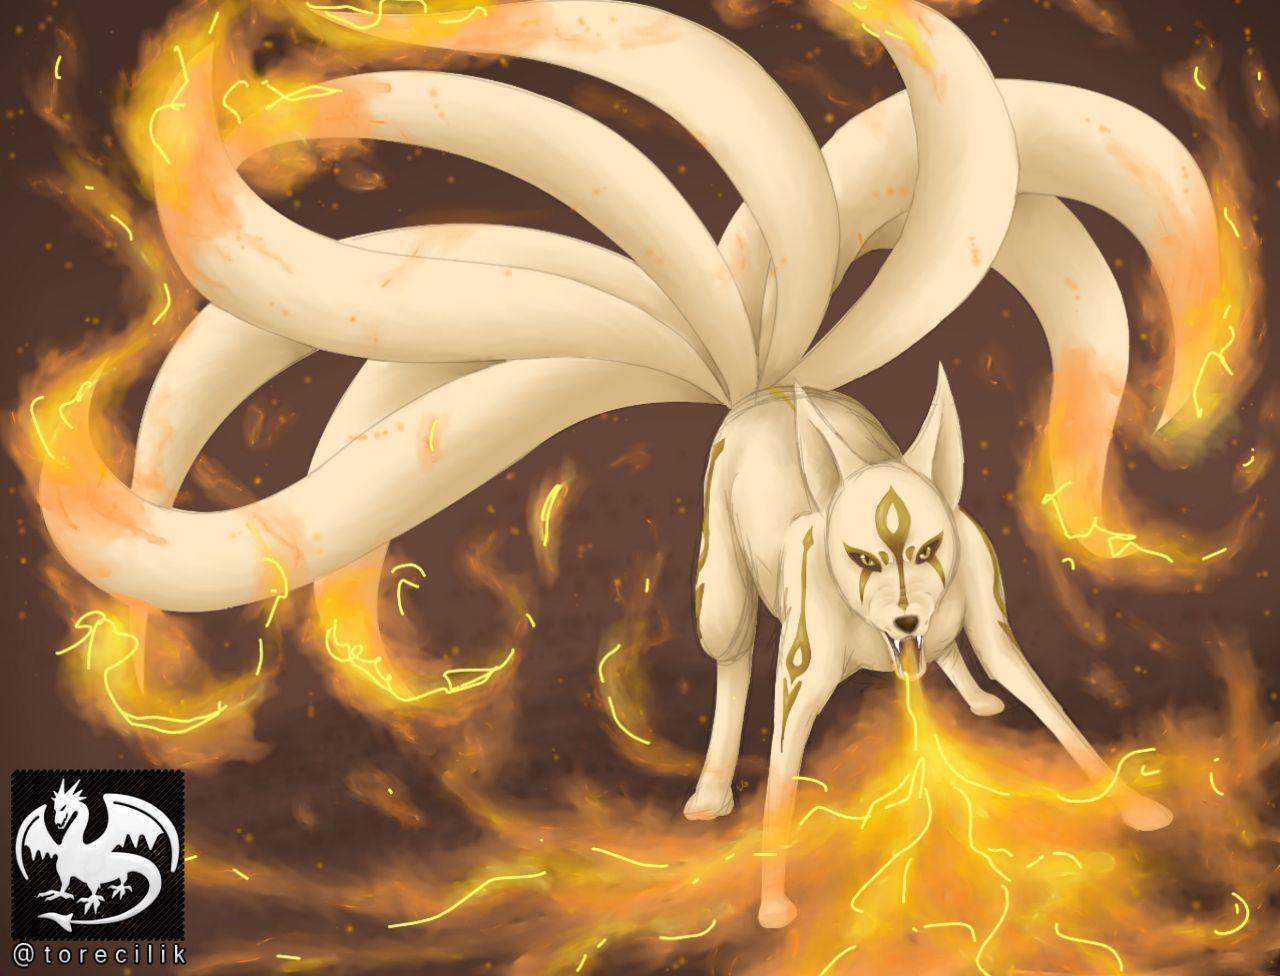 کیتسونه: شیطان قدرتمند